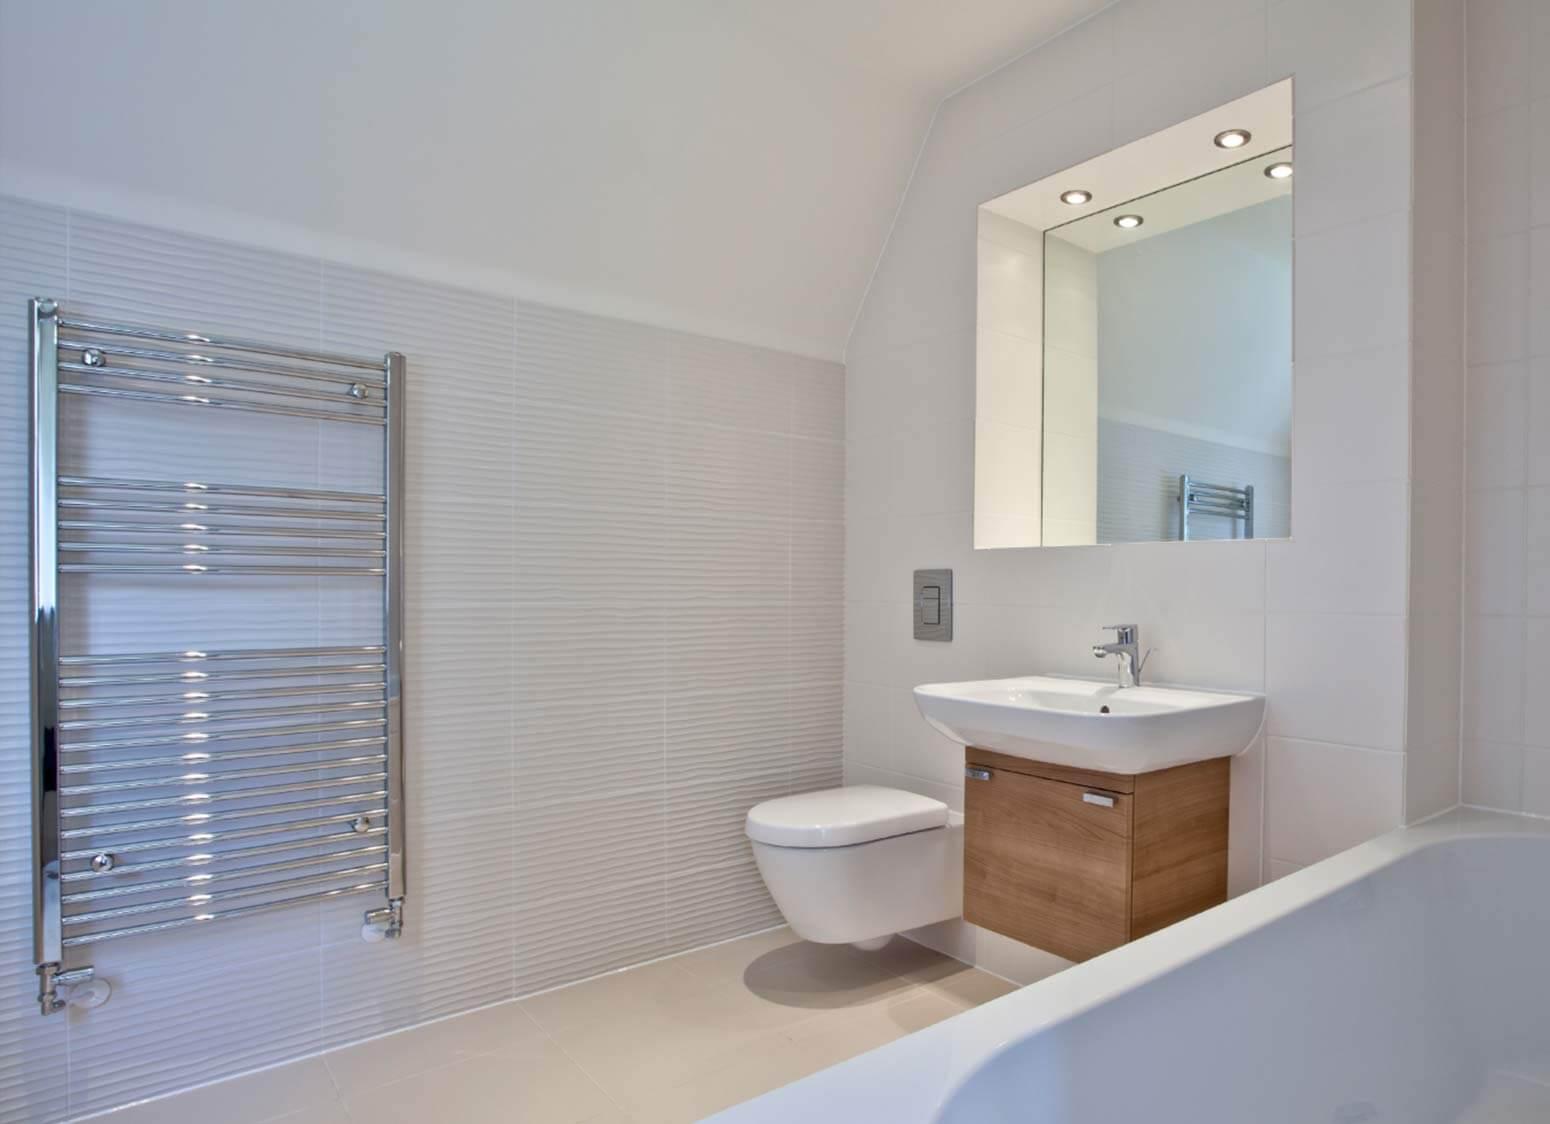 Quality vanity units bathroom - Quality Vanity Units Bathroom 42